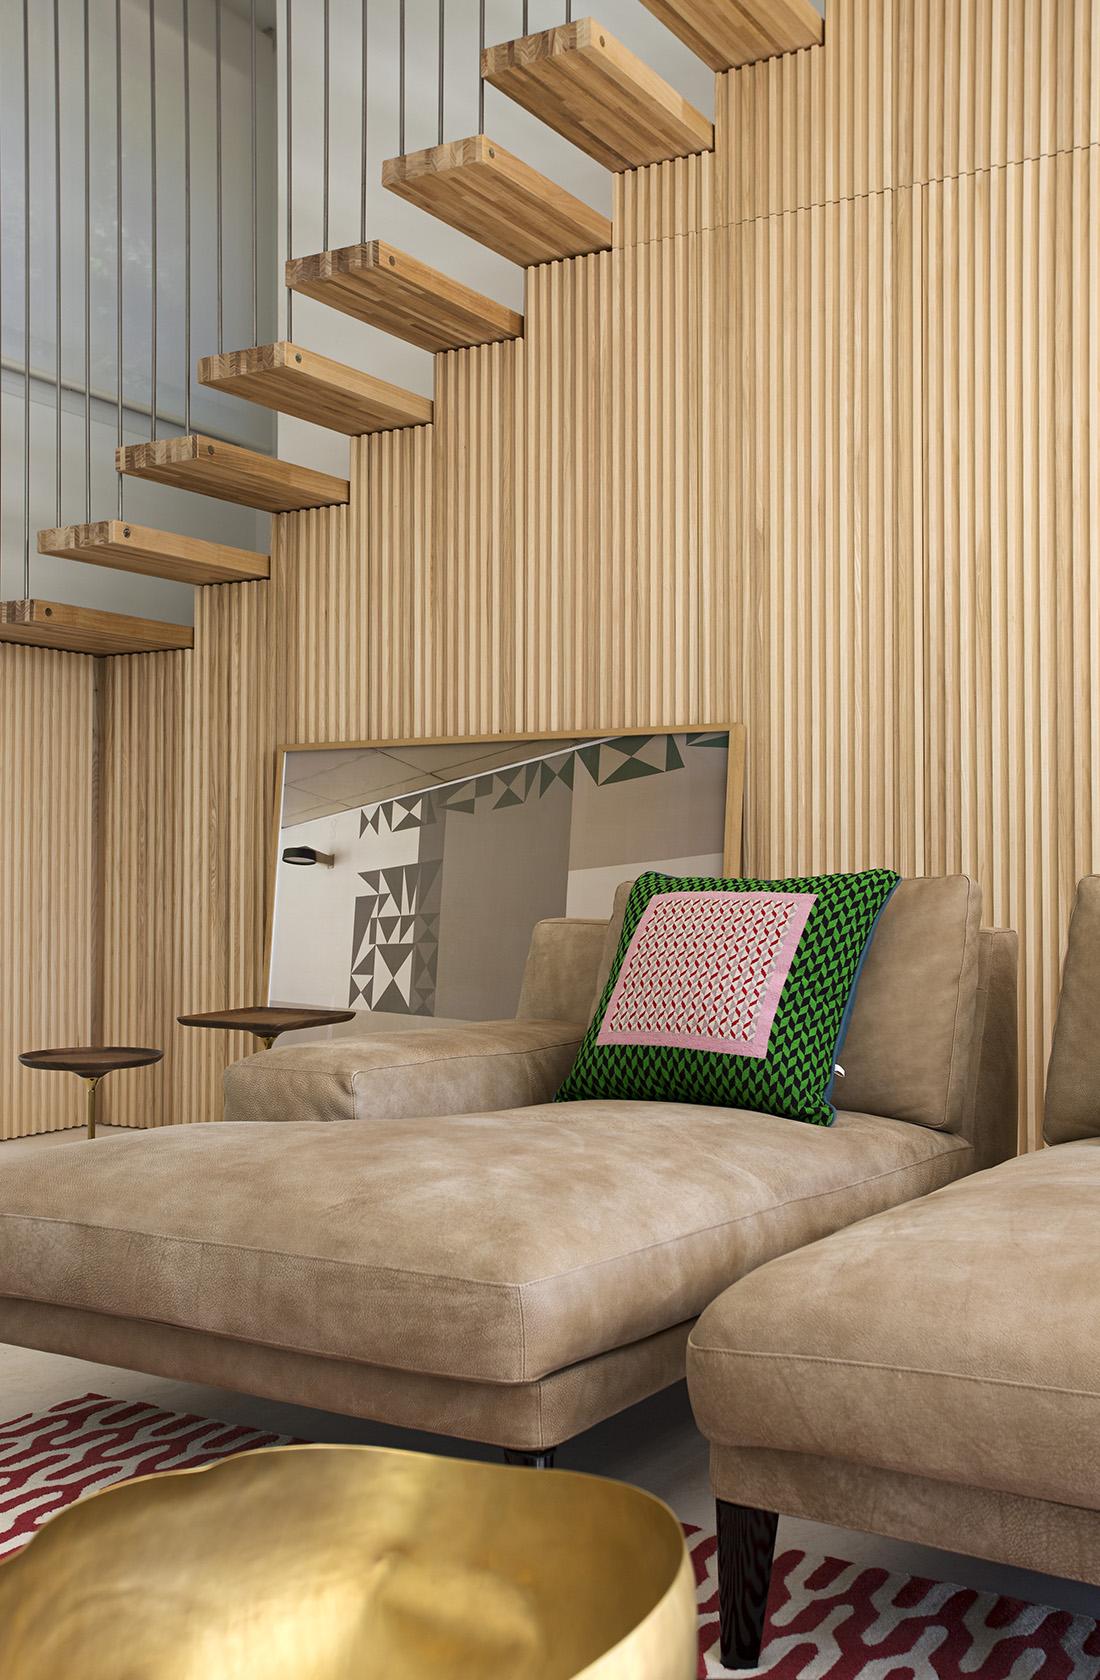 Detalle de la escalera con peldaños volados de Casa JP, construida en madera